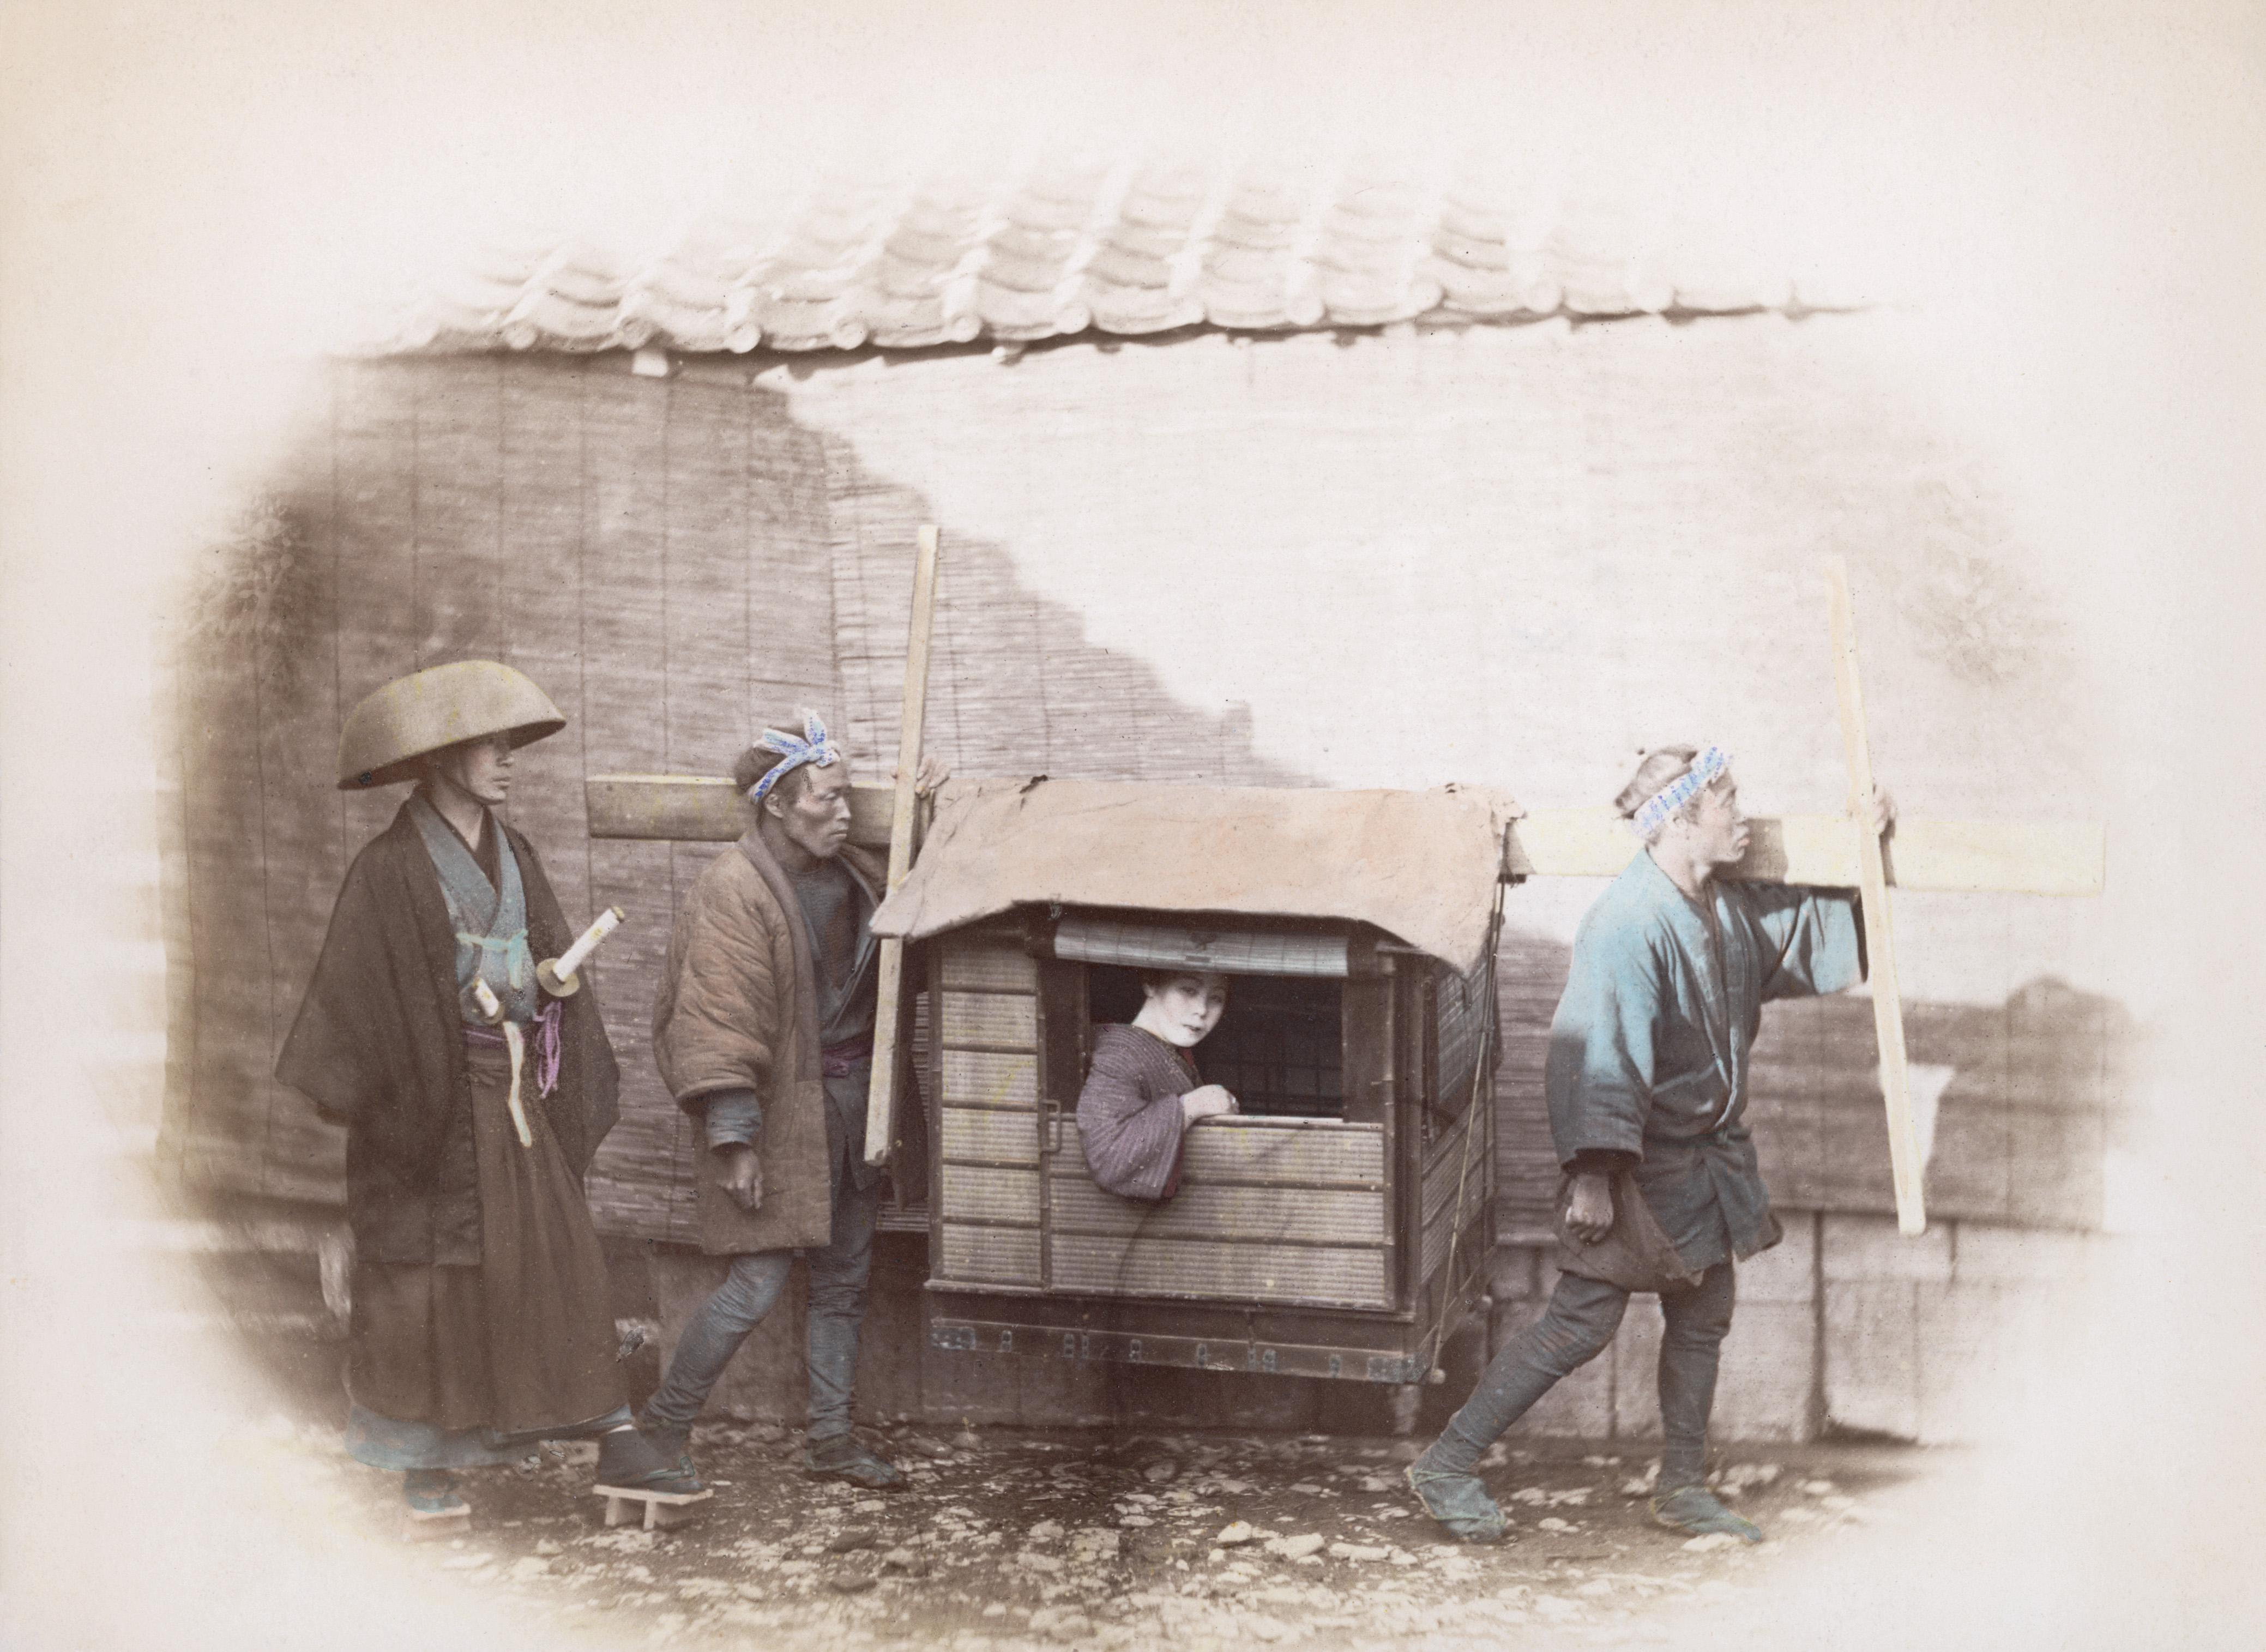 Самураи сопровождают паланкин с женщиной. Примерно 1865